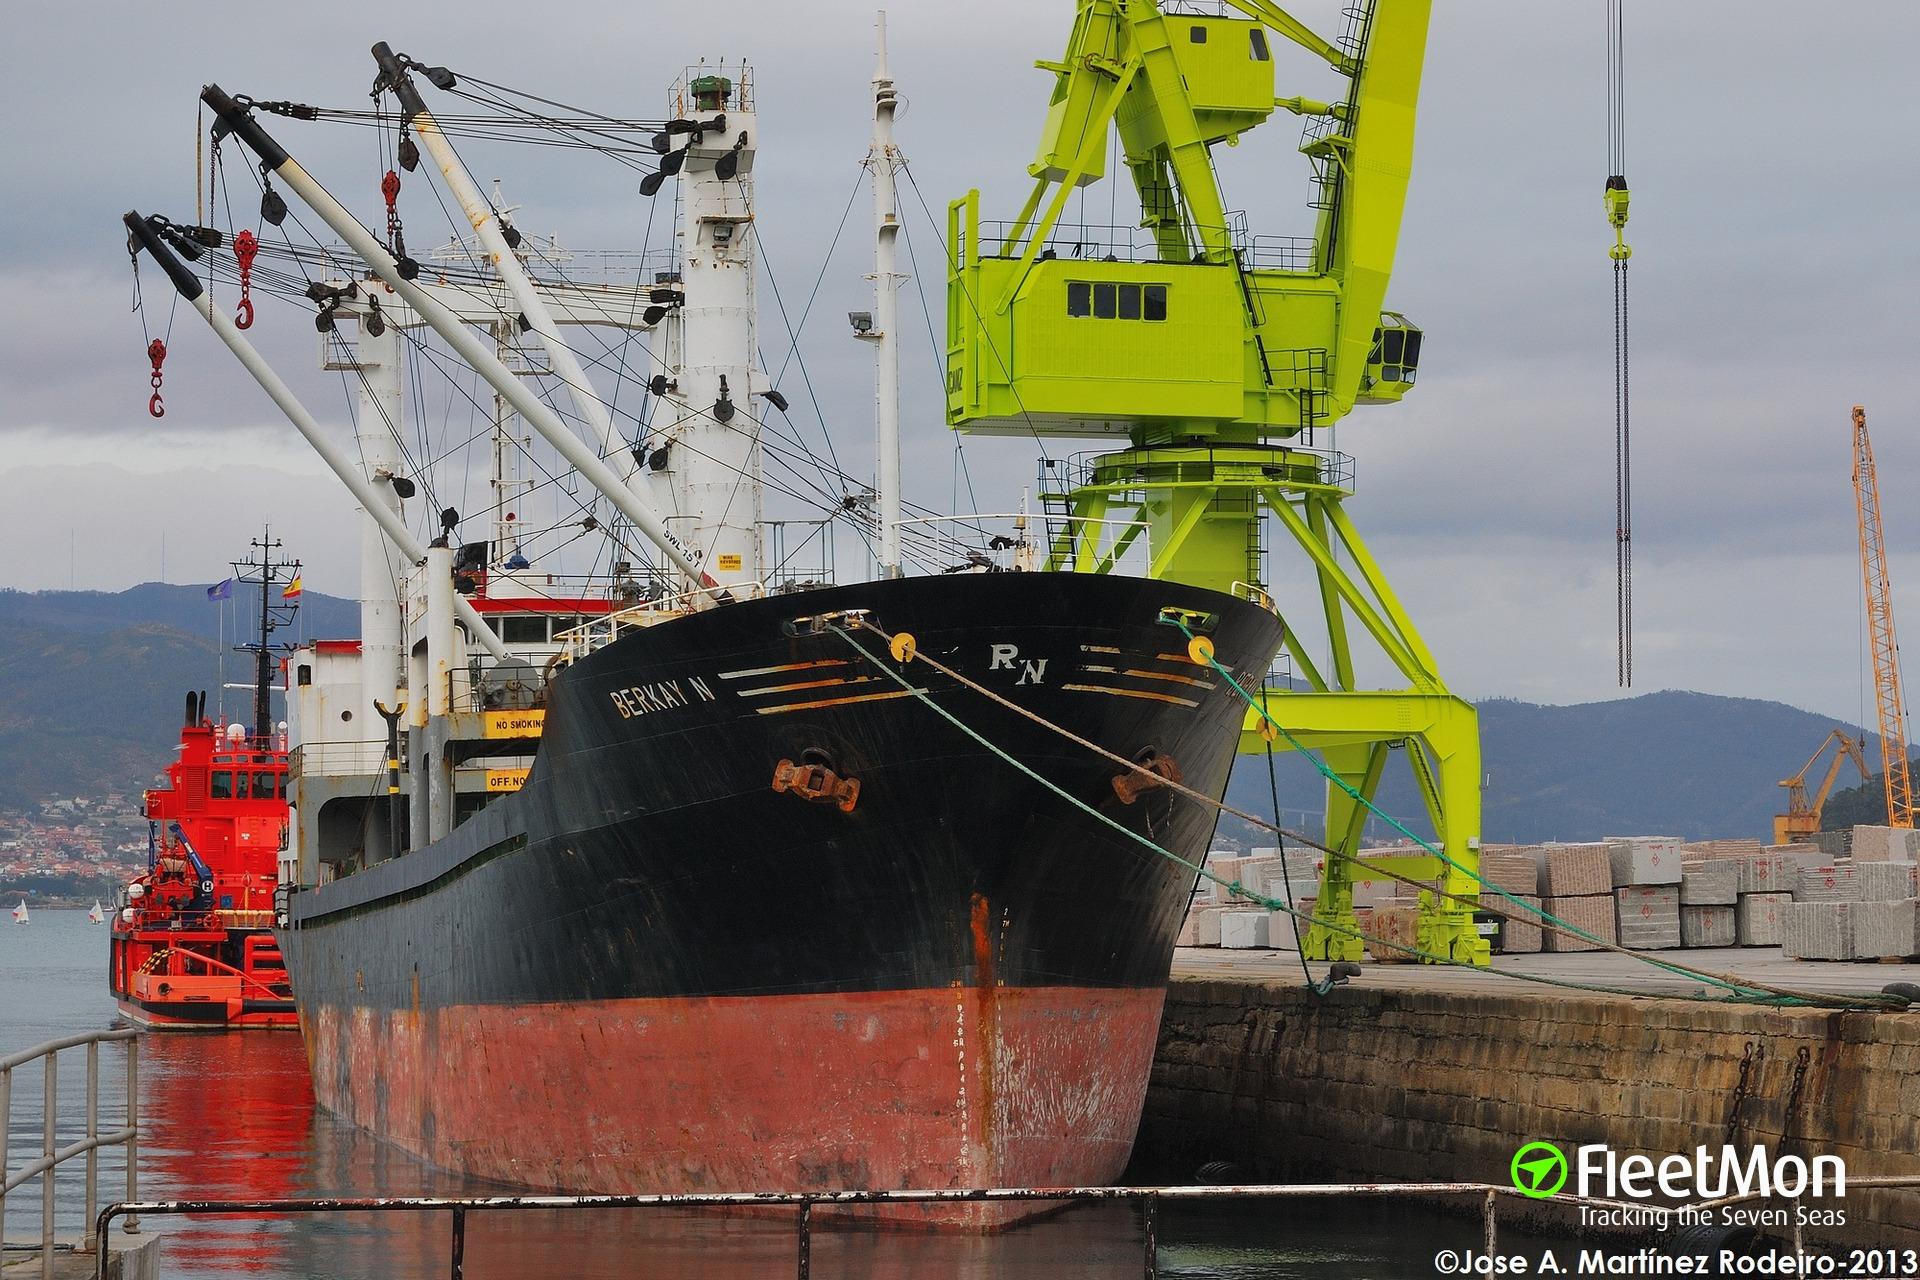 Chief engineer of freighter BERKAY N missing, SAR under way, Atlantic